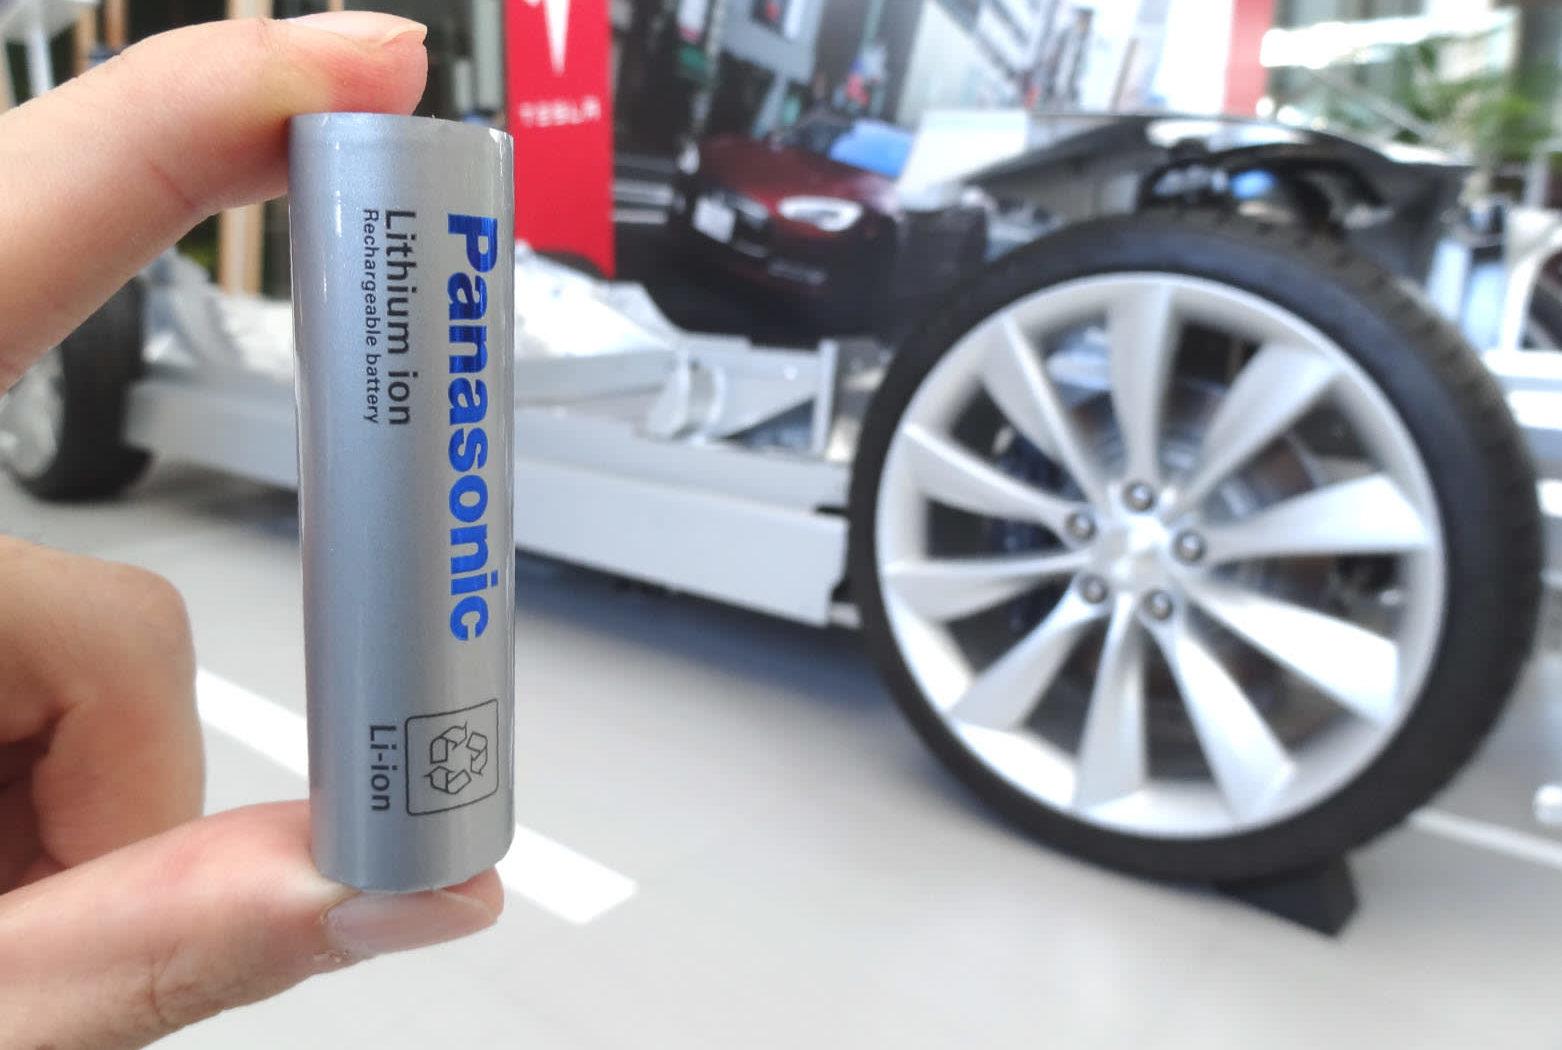 Поставщик аккумуляторов Tesla Panasonic хочет использовать элементы, не содержащие кобальт, через 2-3 года